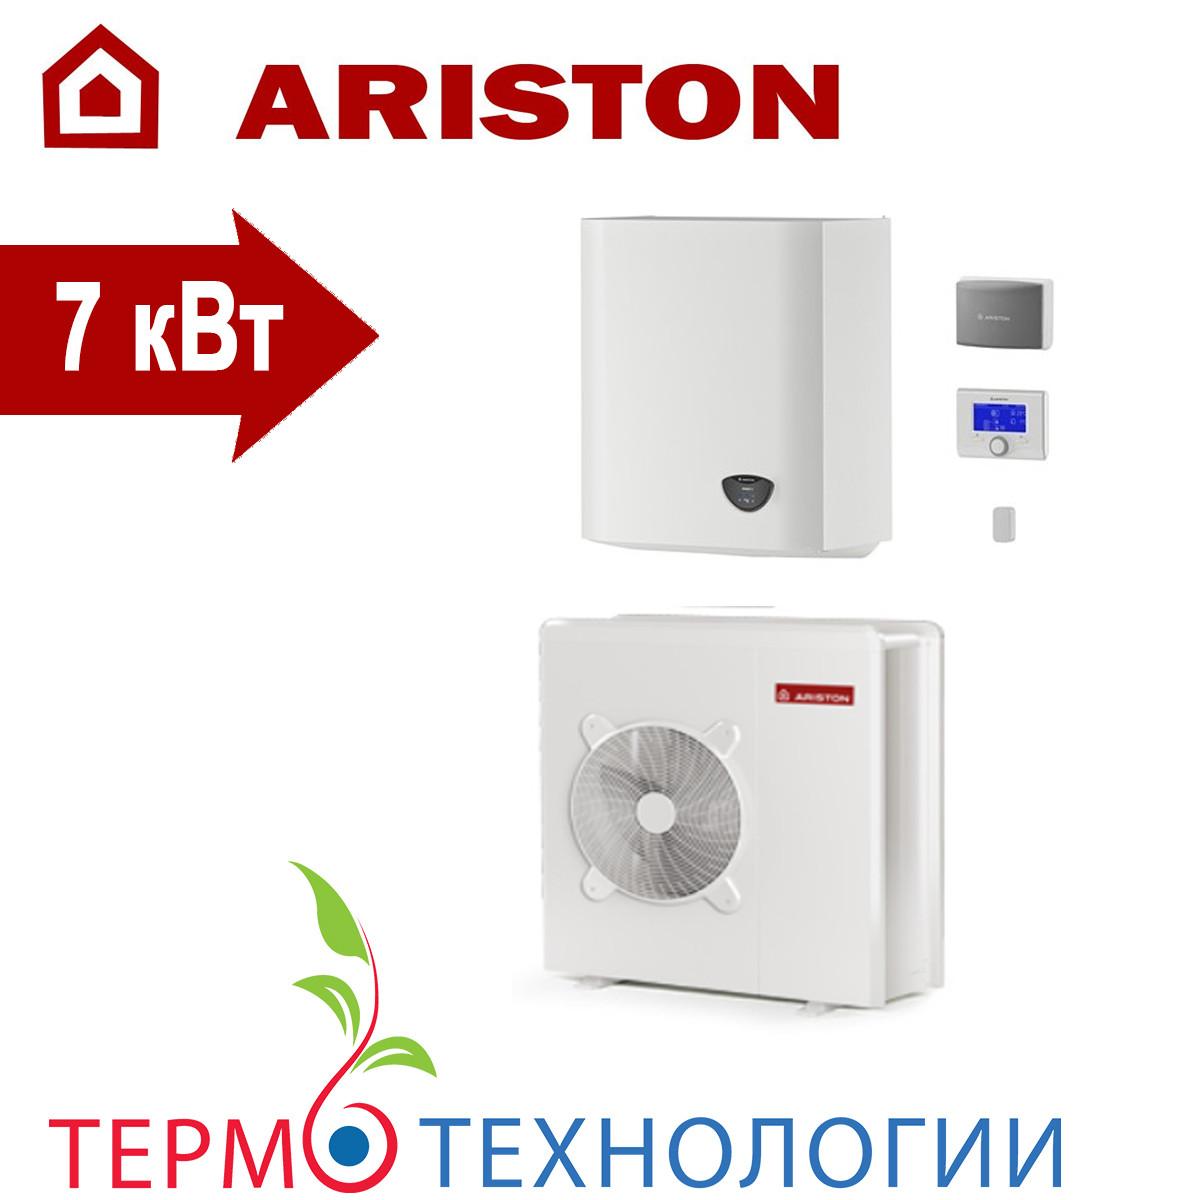 Тепловой насос воздух-вода Ariston Plus 7 кВт